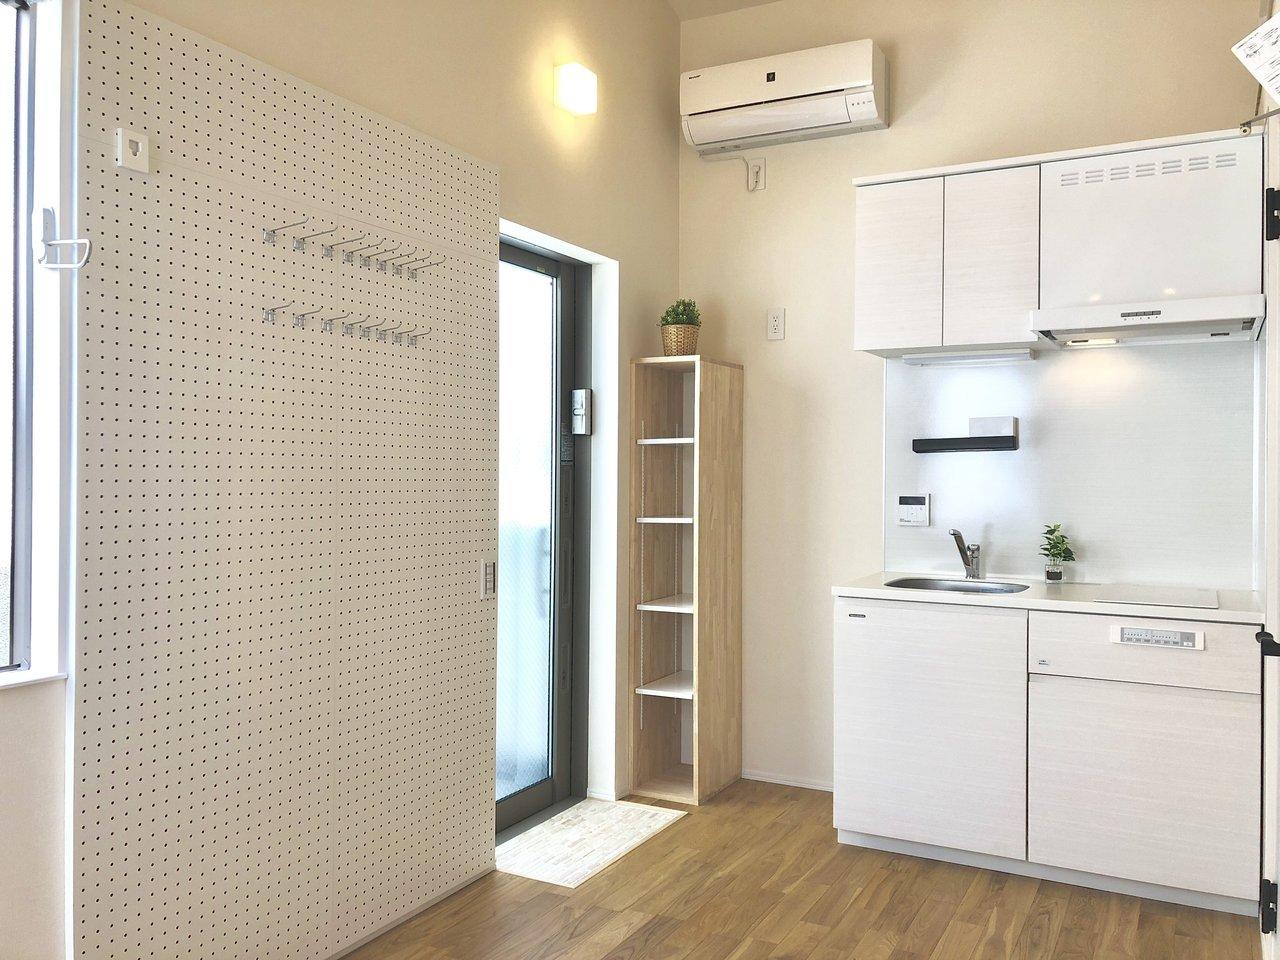 キッチンは白で明るい印象がありますね。コンパクトな形ですが収納スペースもしっかりありますよ。IHの2口コンロ付きで、すっきりとしたキッチンです。